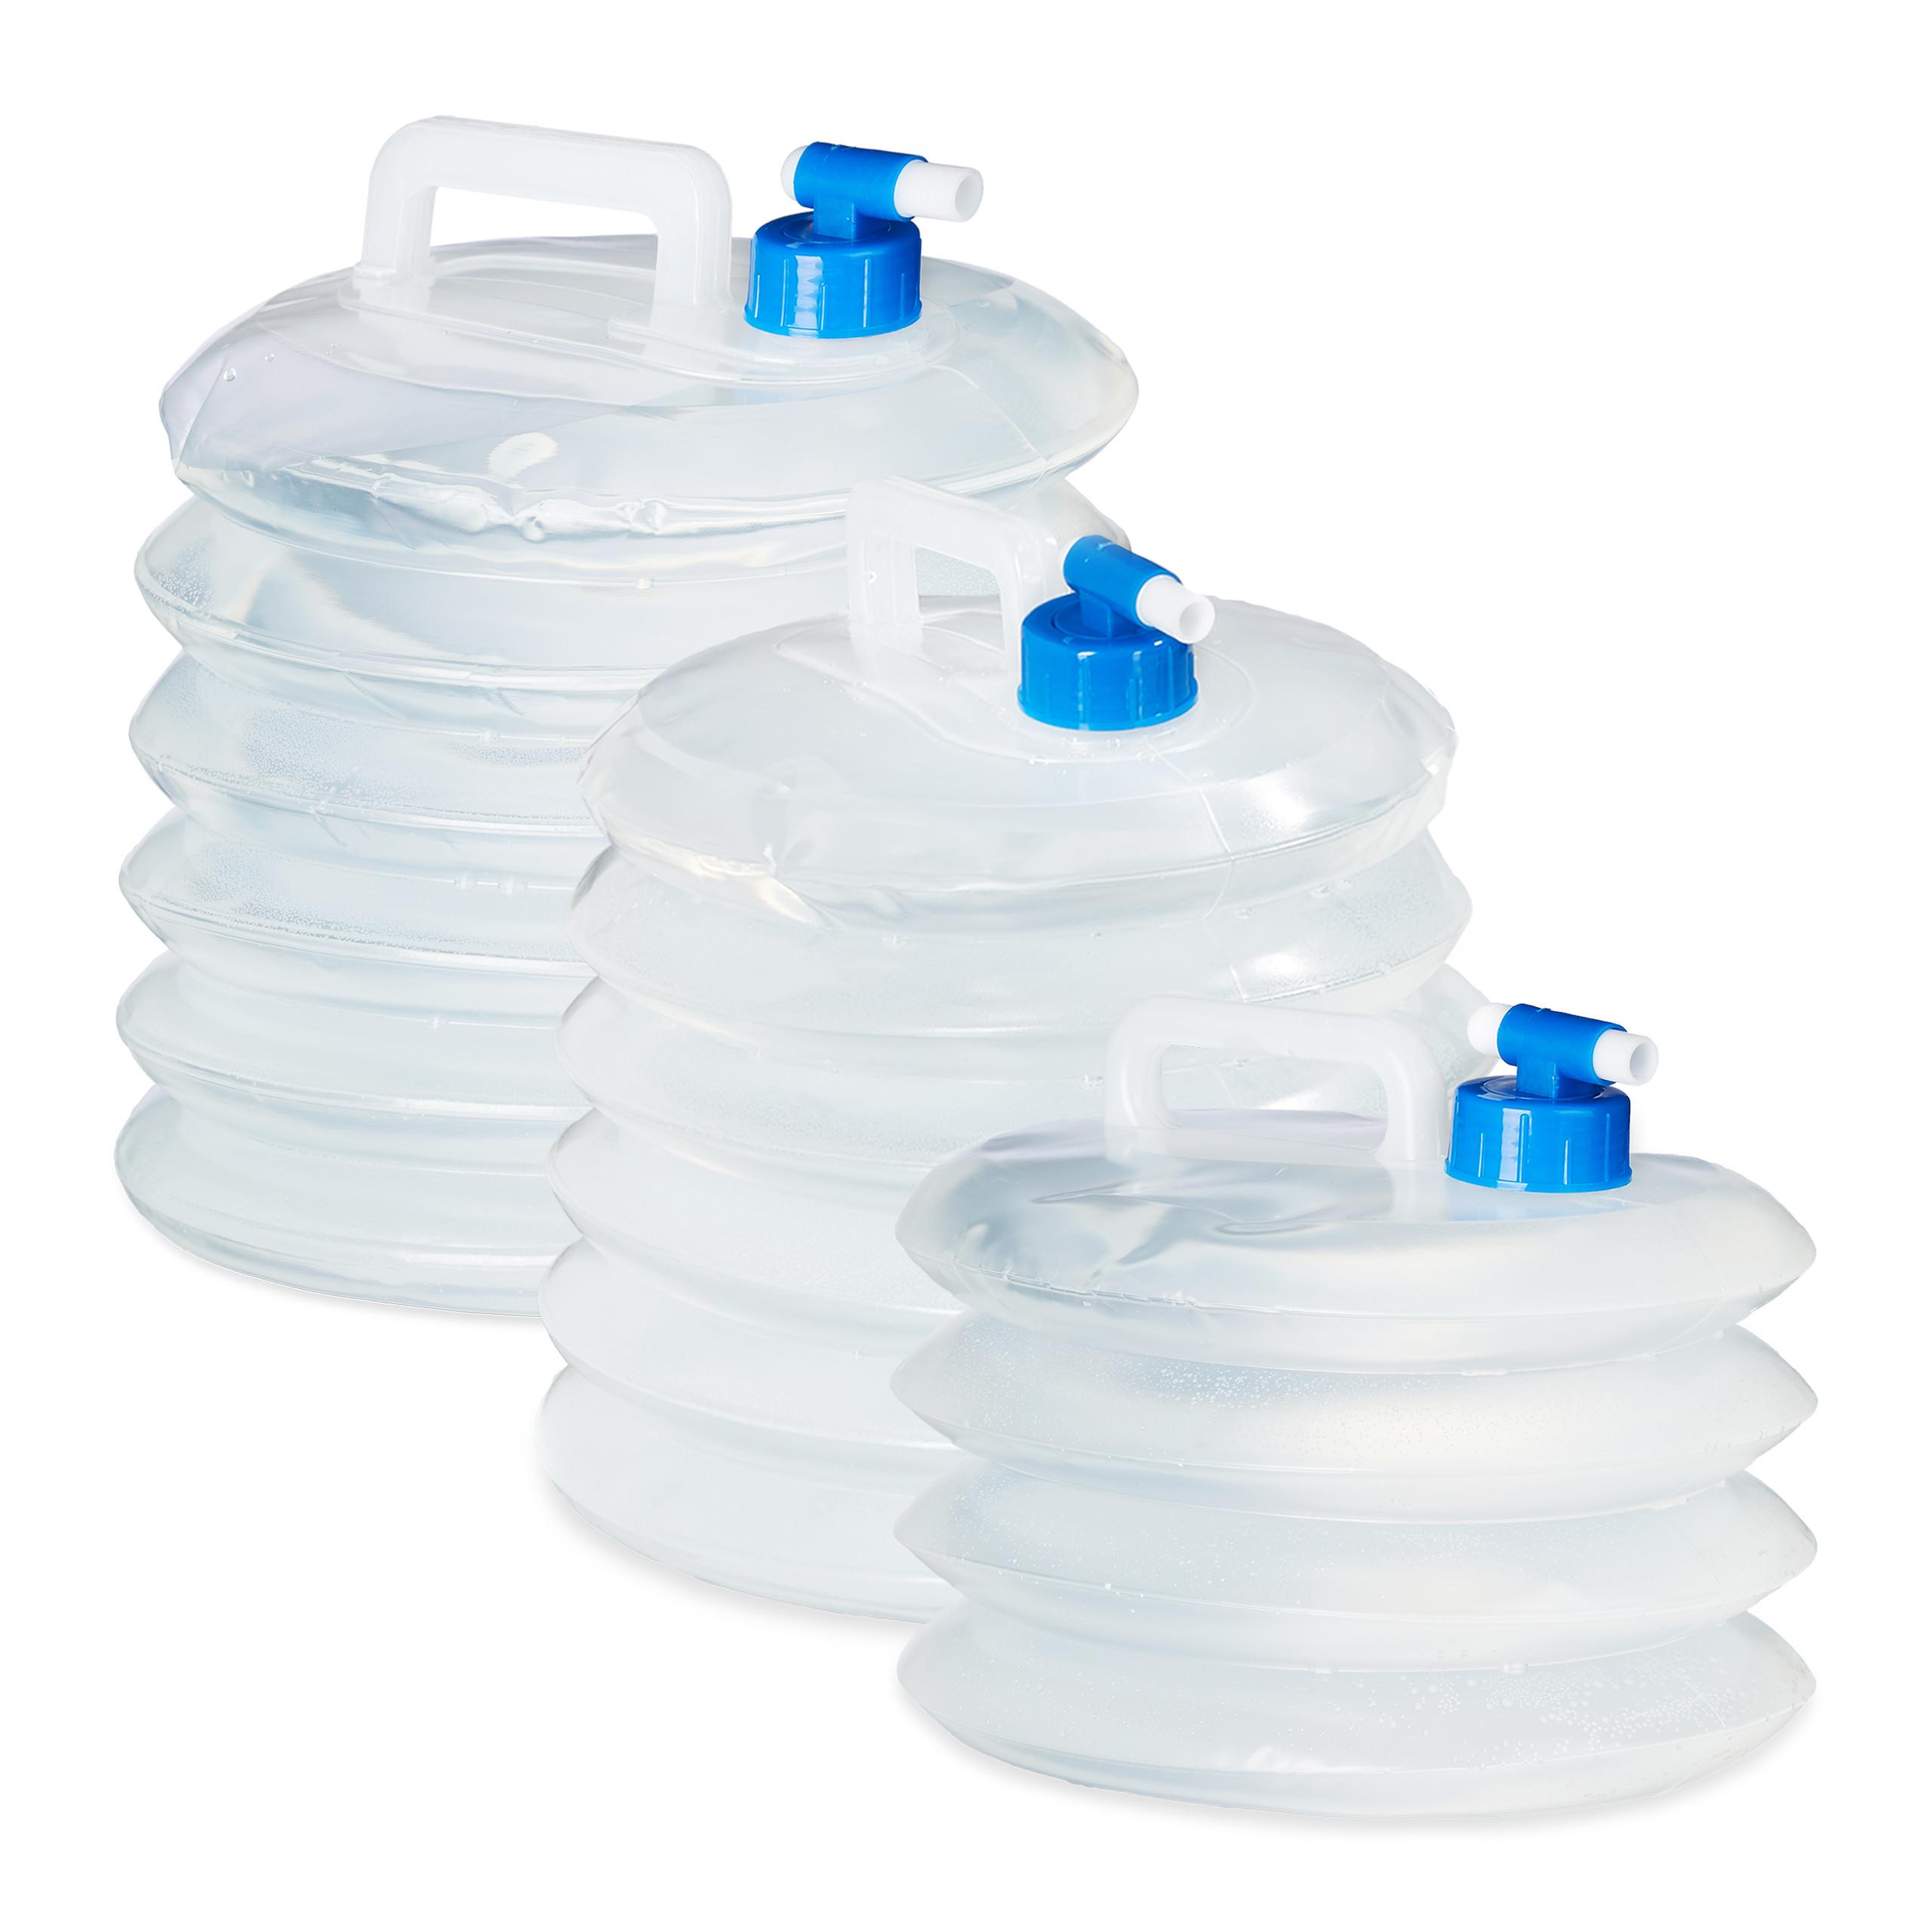 Wasserkanister faltbar Set 4x Camping Trinkwasser Kanister Wasserbehälter 5-15 L